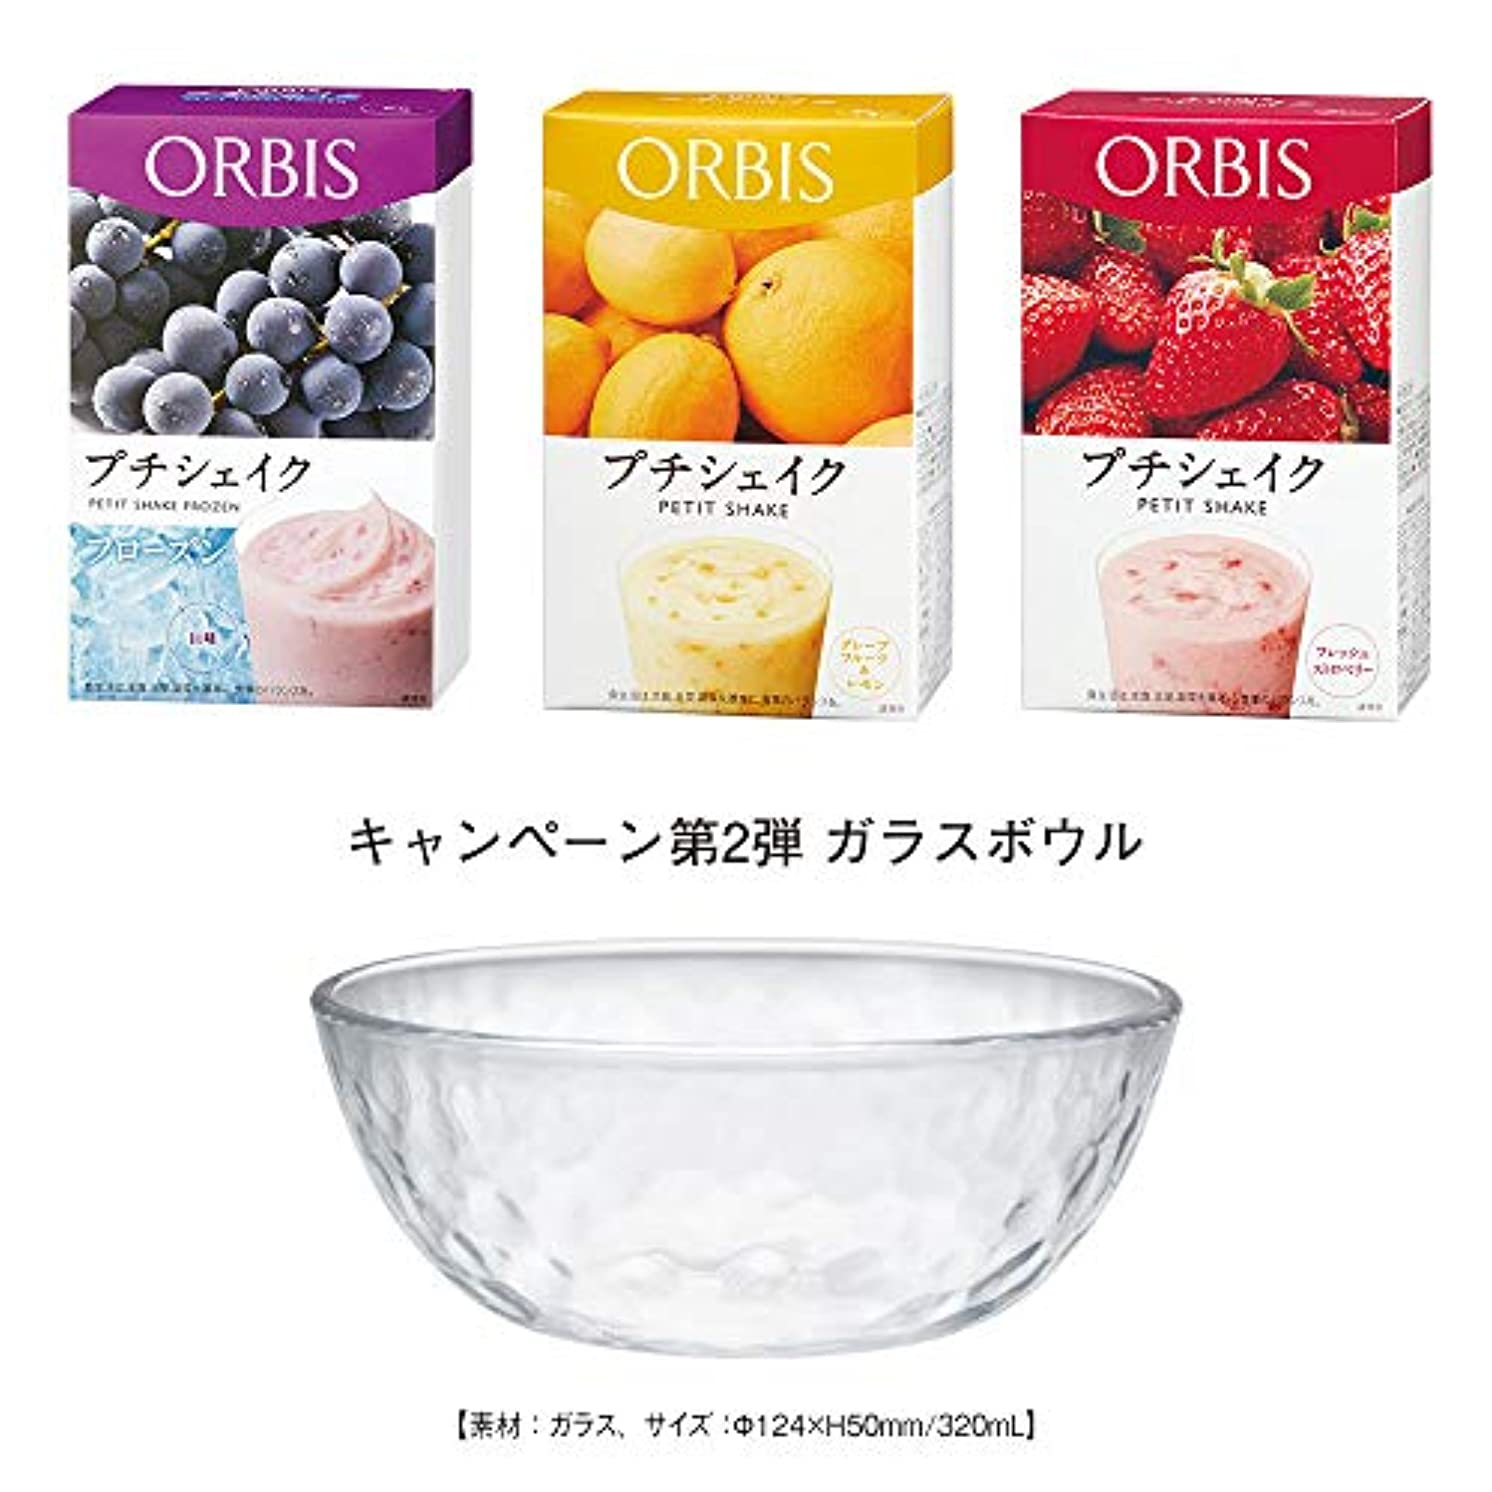 地球パーティションクモオルビス(ORBIS) プチシェイク3箱セット(フローズン 巨峰+グレープフルーツ&レモン+フレッシュストロベリー) 7食分×3箱 ガラスボウル付 ◎(ダイエットドリンク?スムージー◎